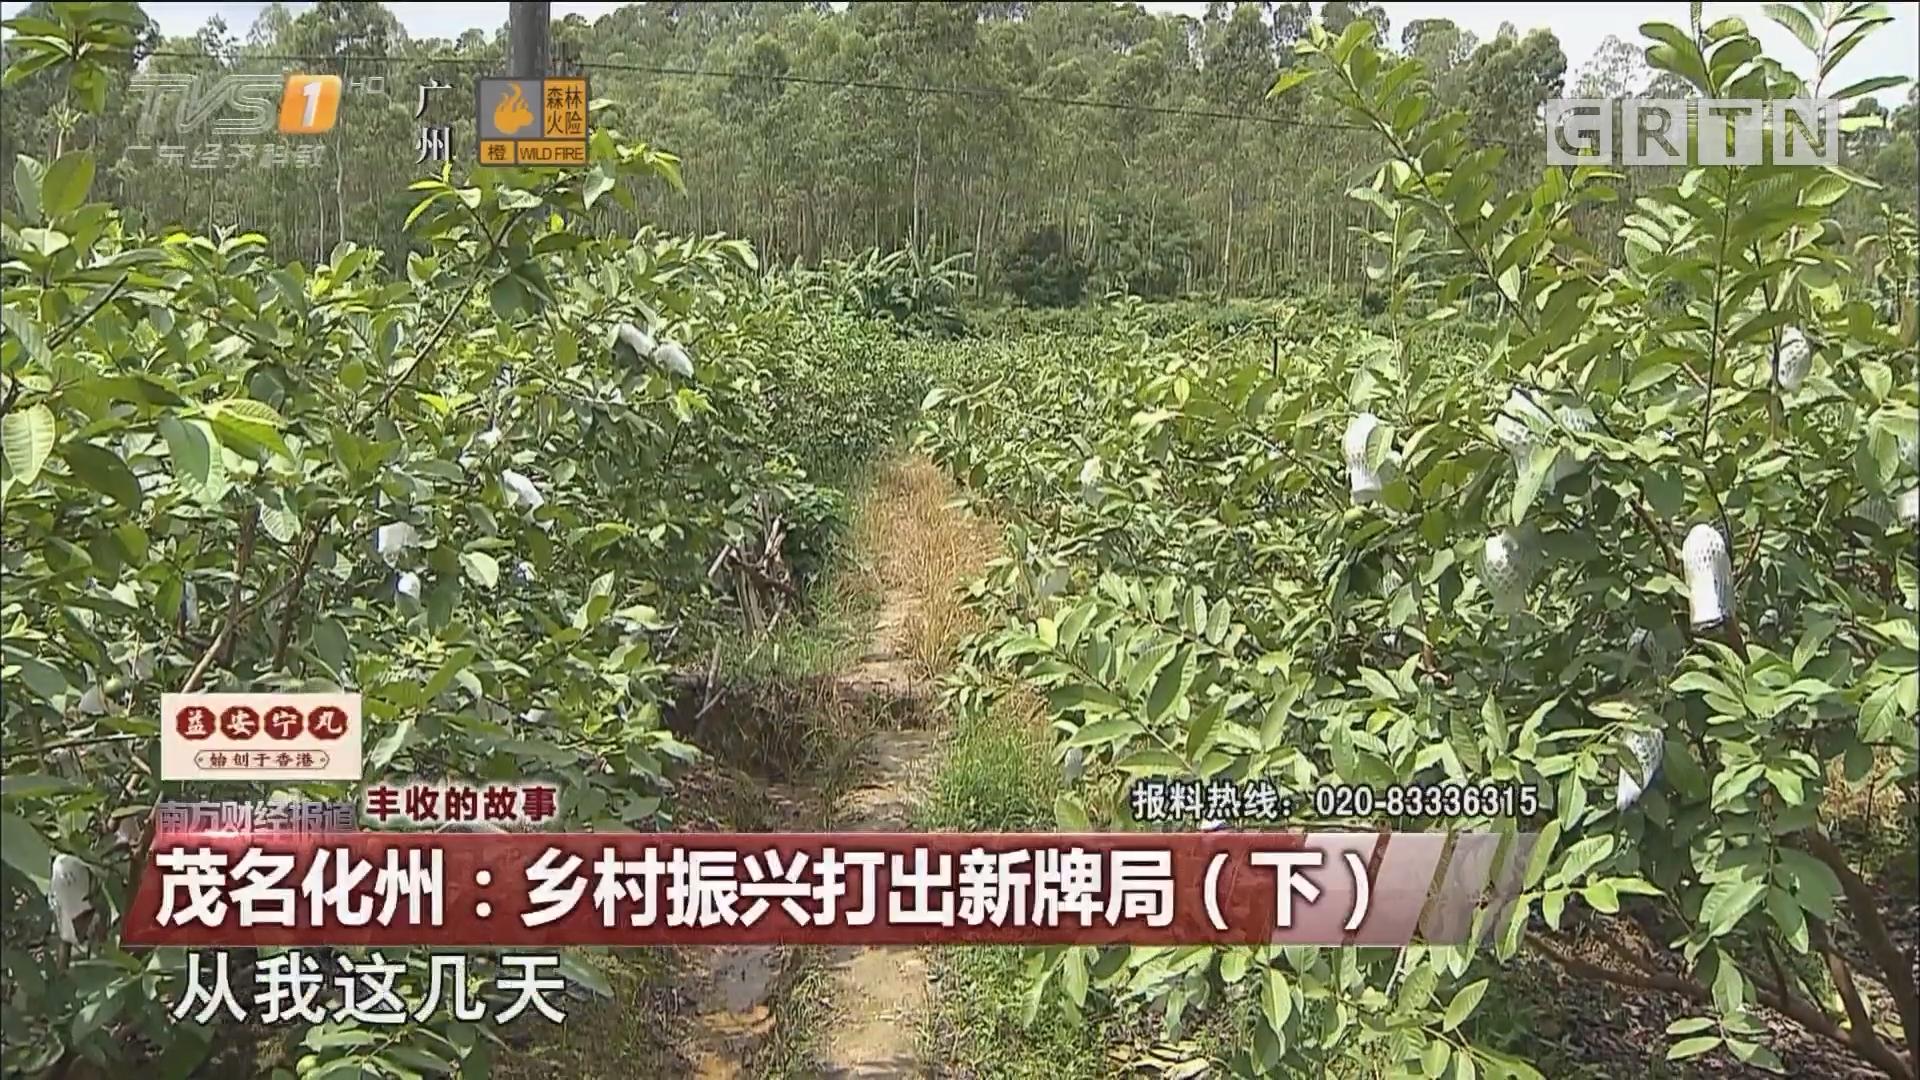 丰收的故事 茂名化州:乡村振兴打出新牌局(下)